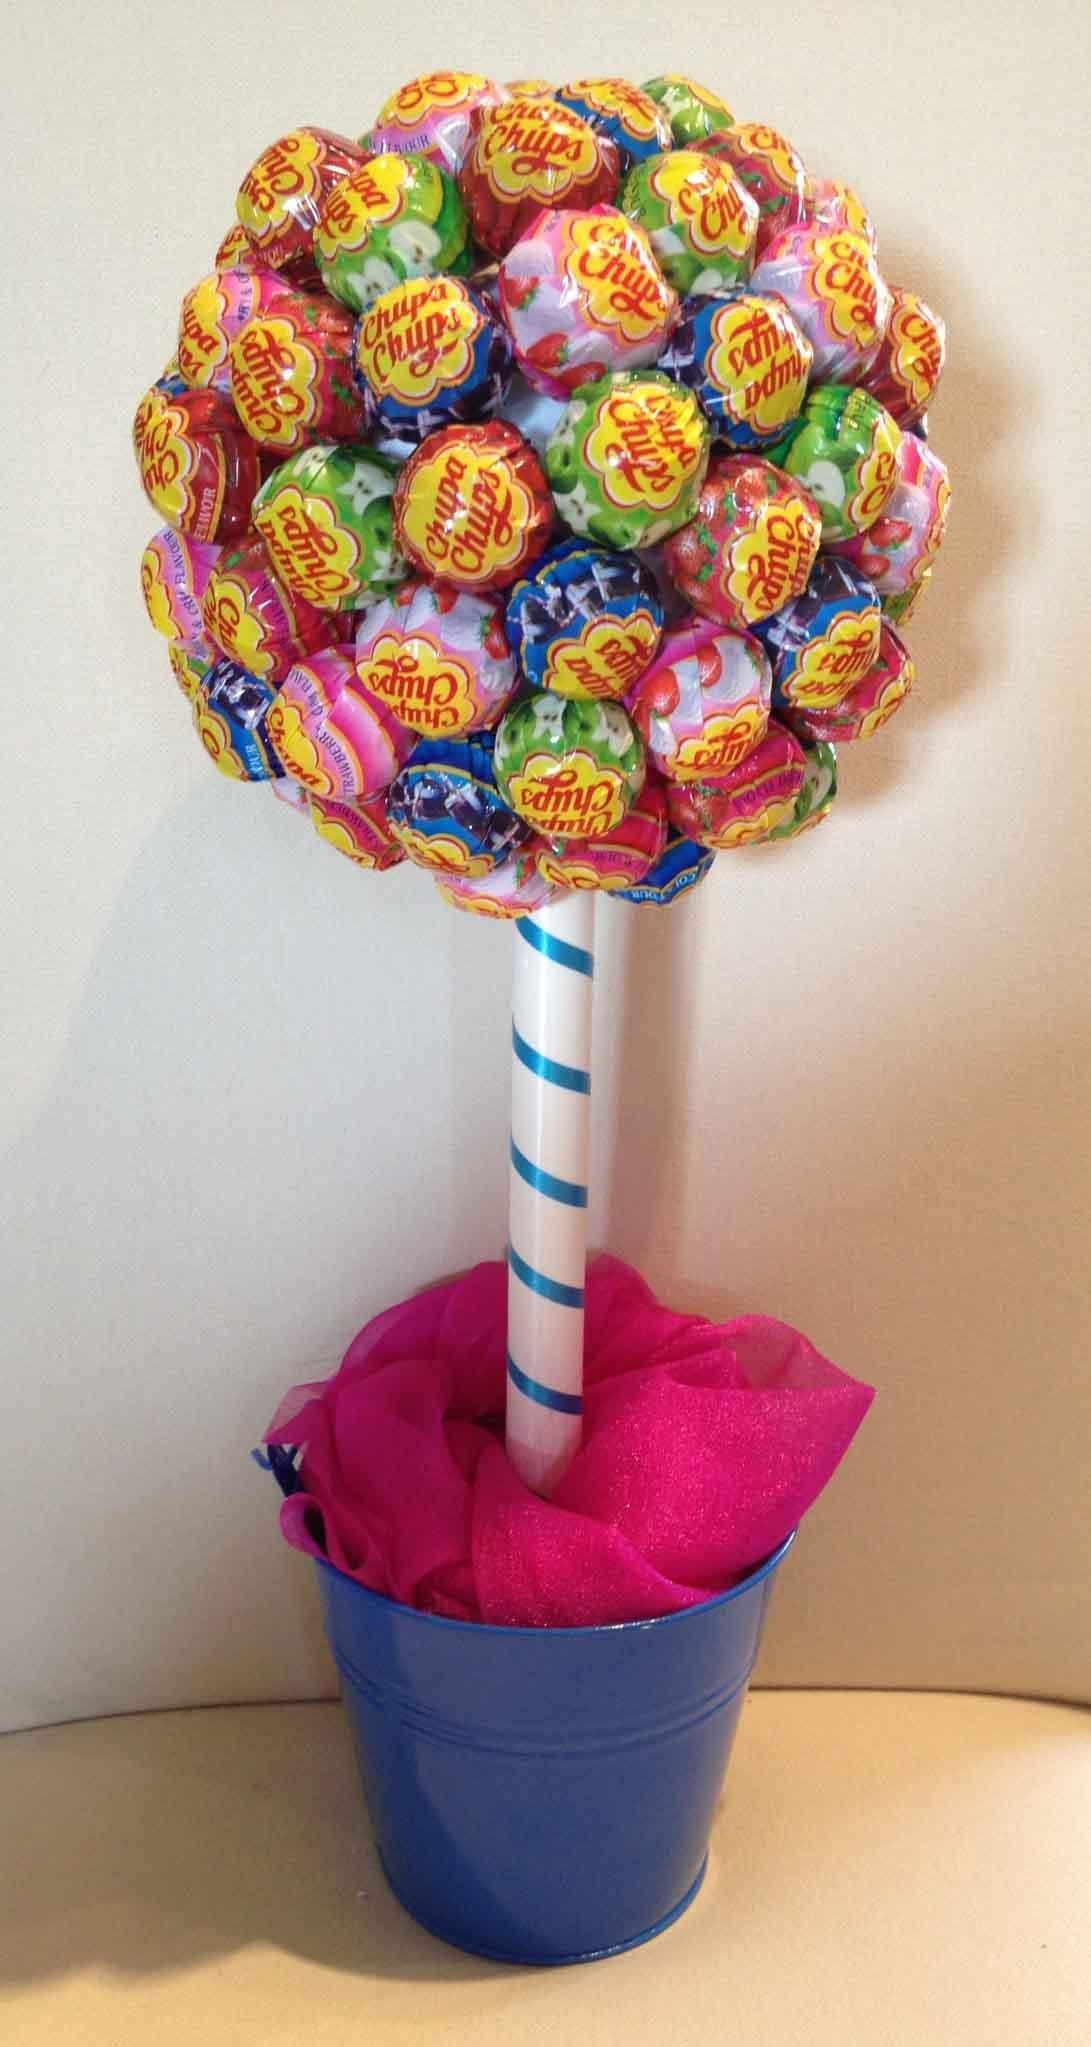 дерево из конфет своими руками пошаговое фото девочки синдромом